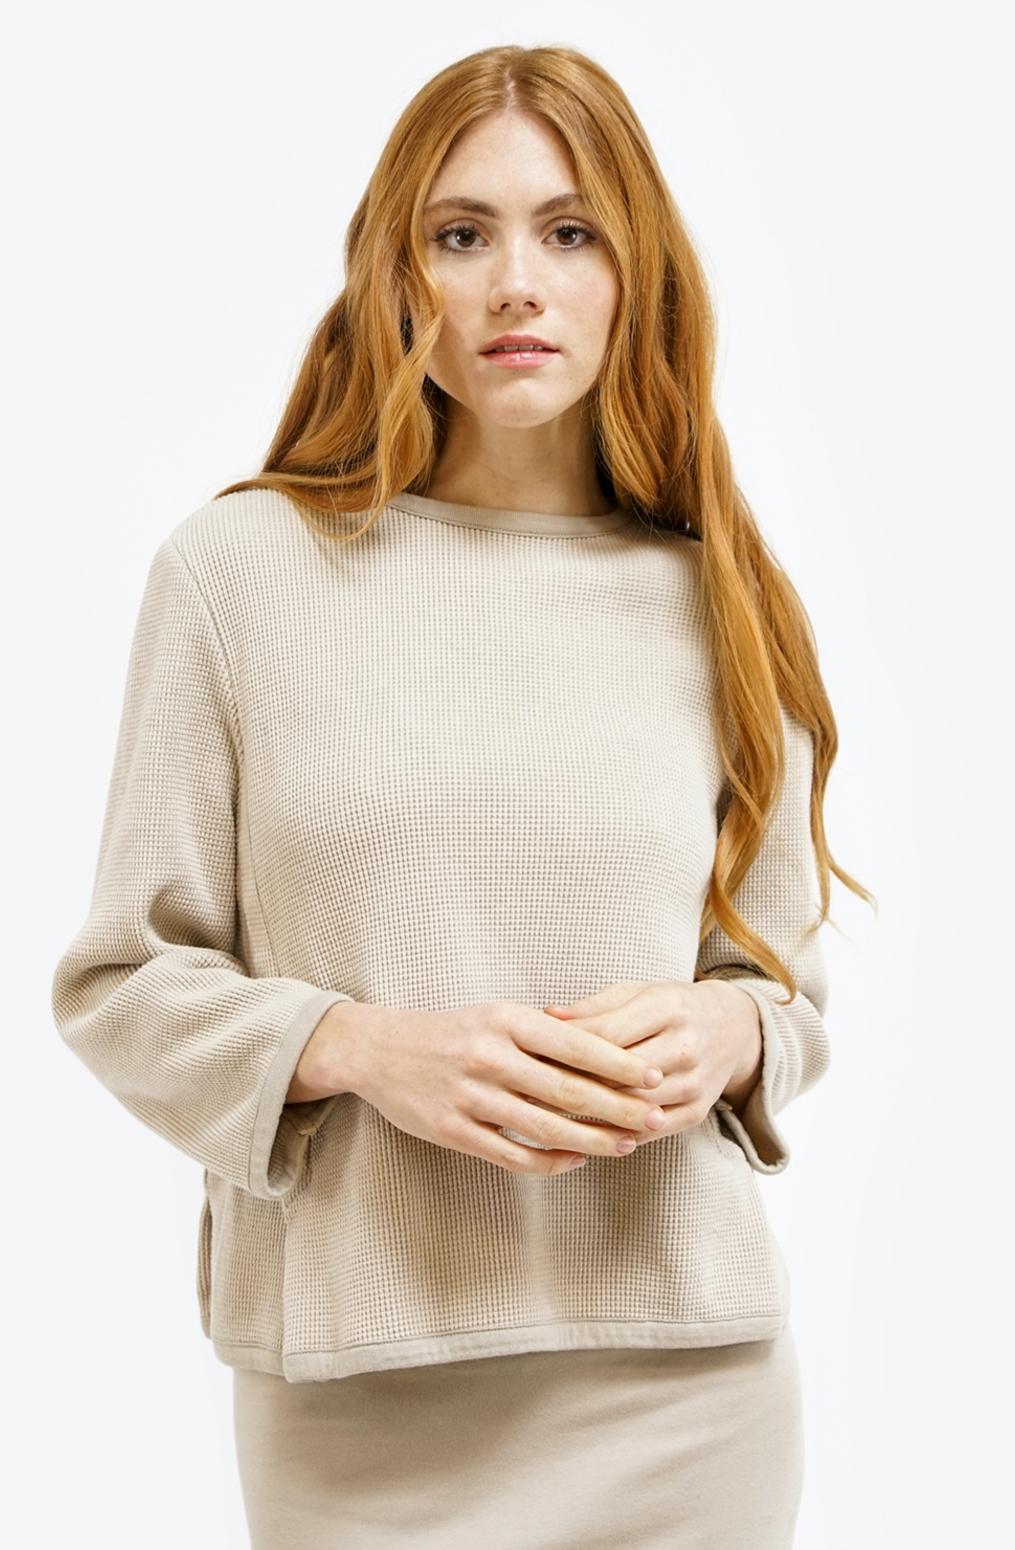 Alabama chanin womens fashion waffle knit top 2